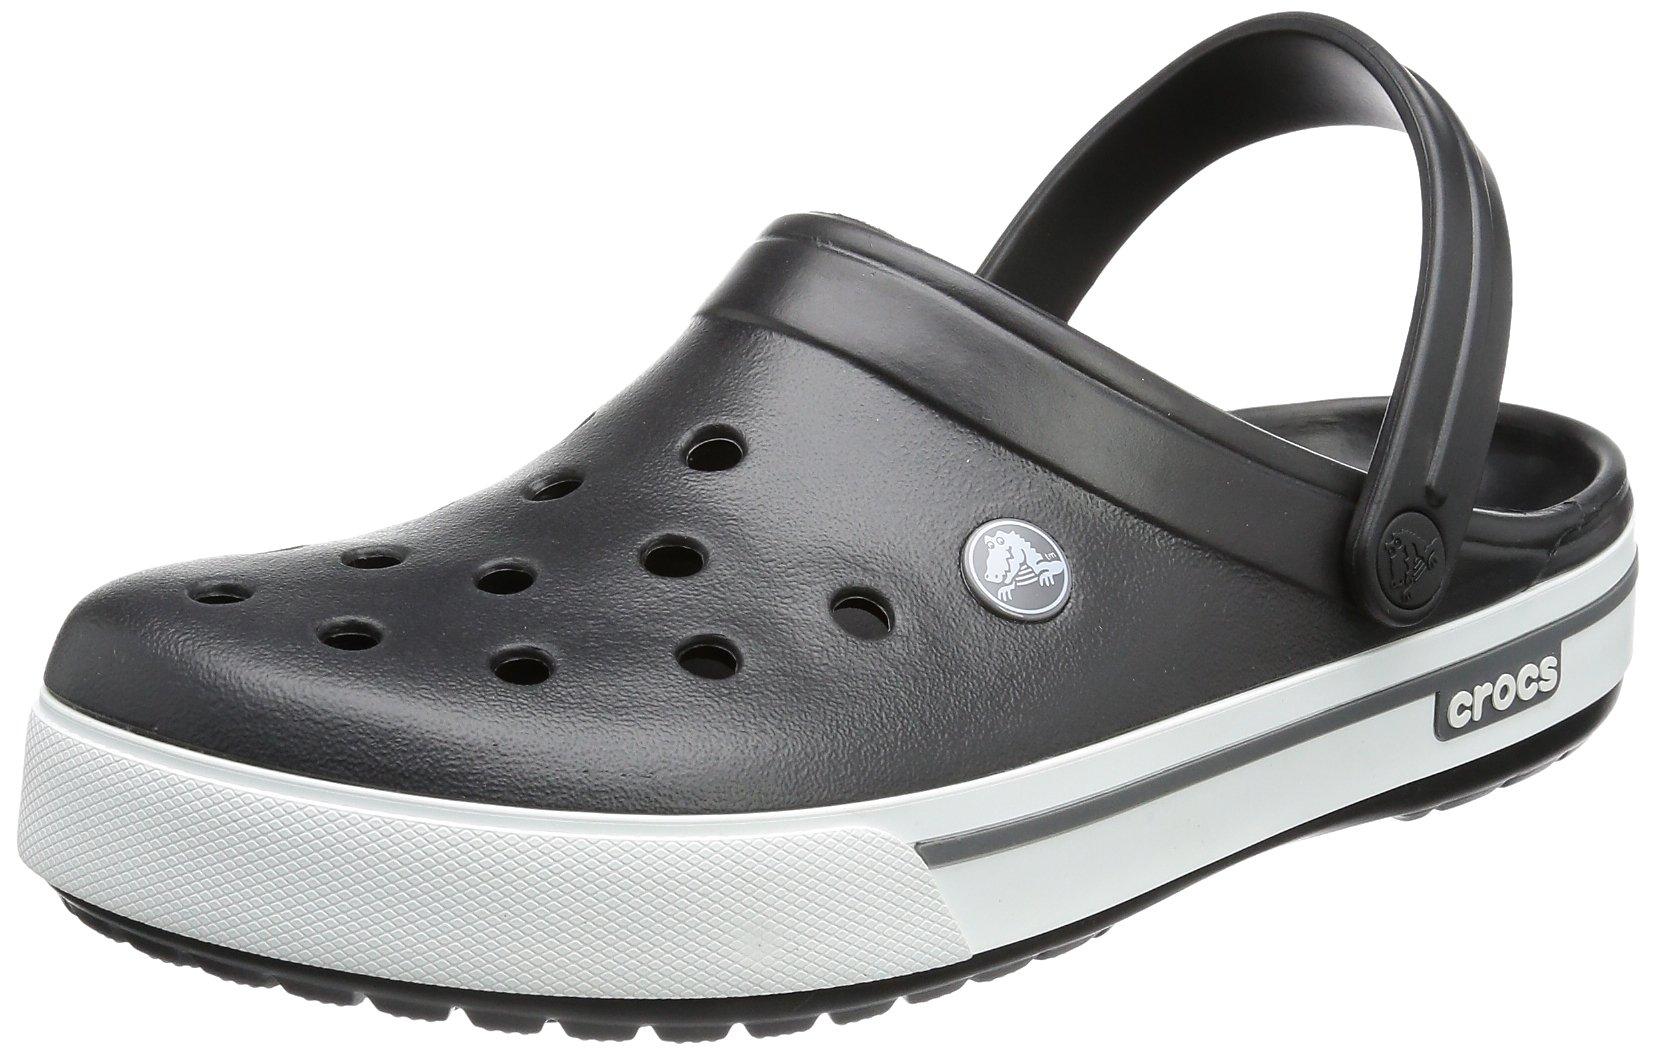 Crocs Unisex Crocband II.5 Clog,Black/Charcoal,9 US Women / 7 US Men